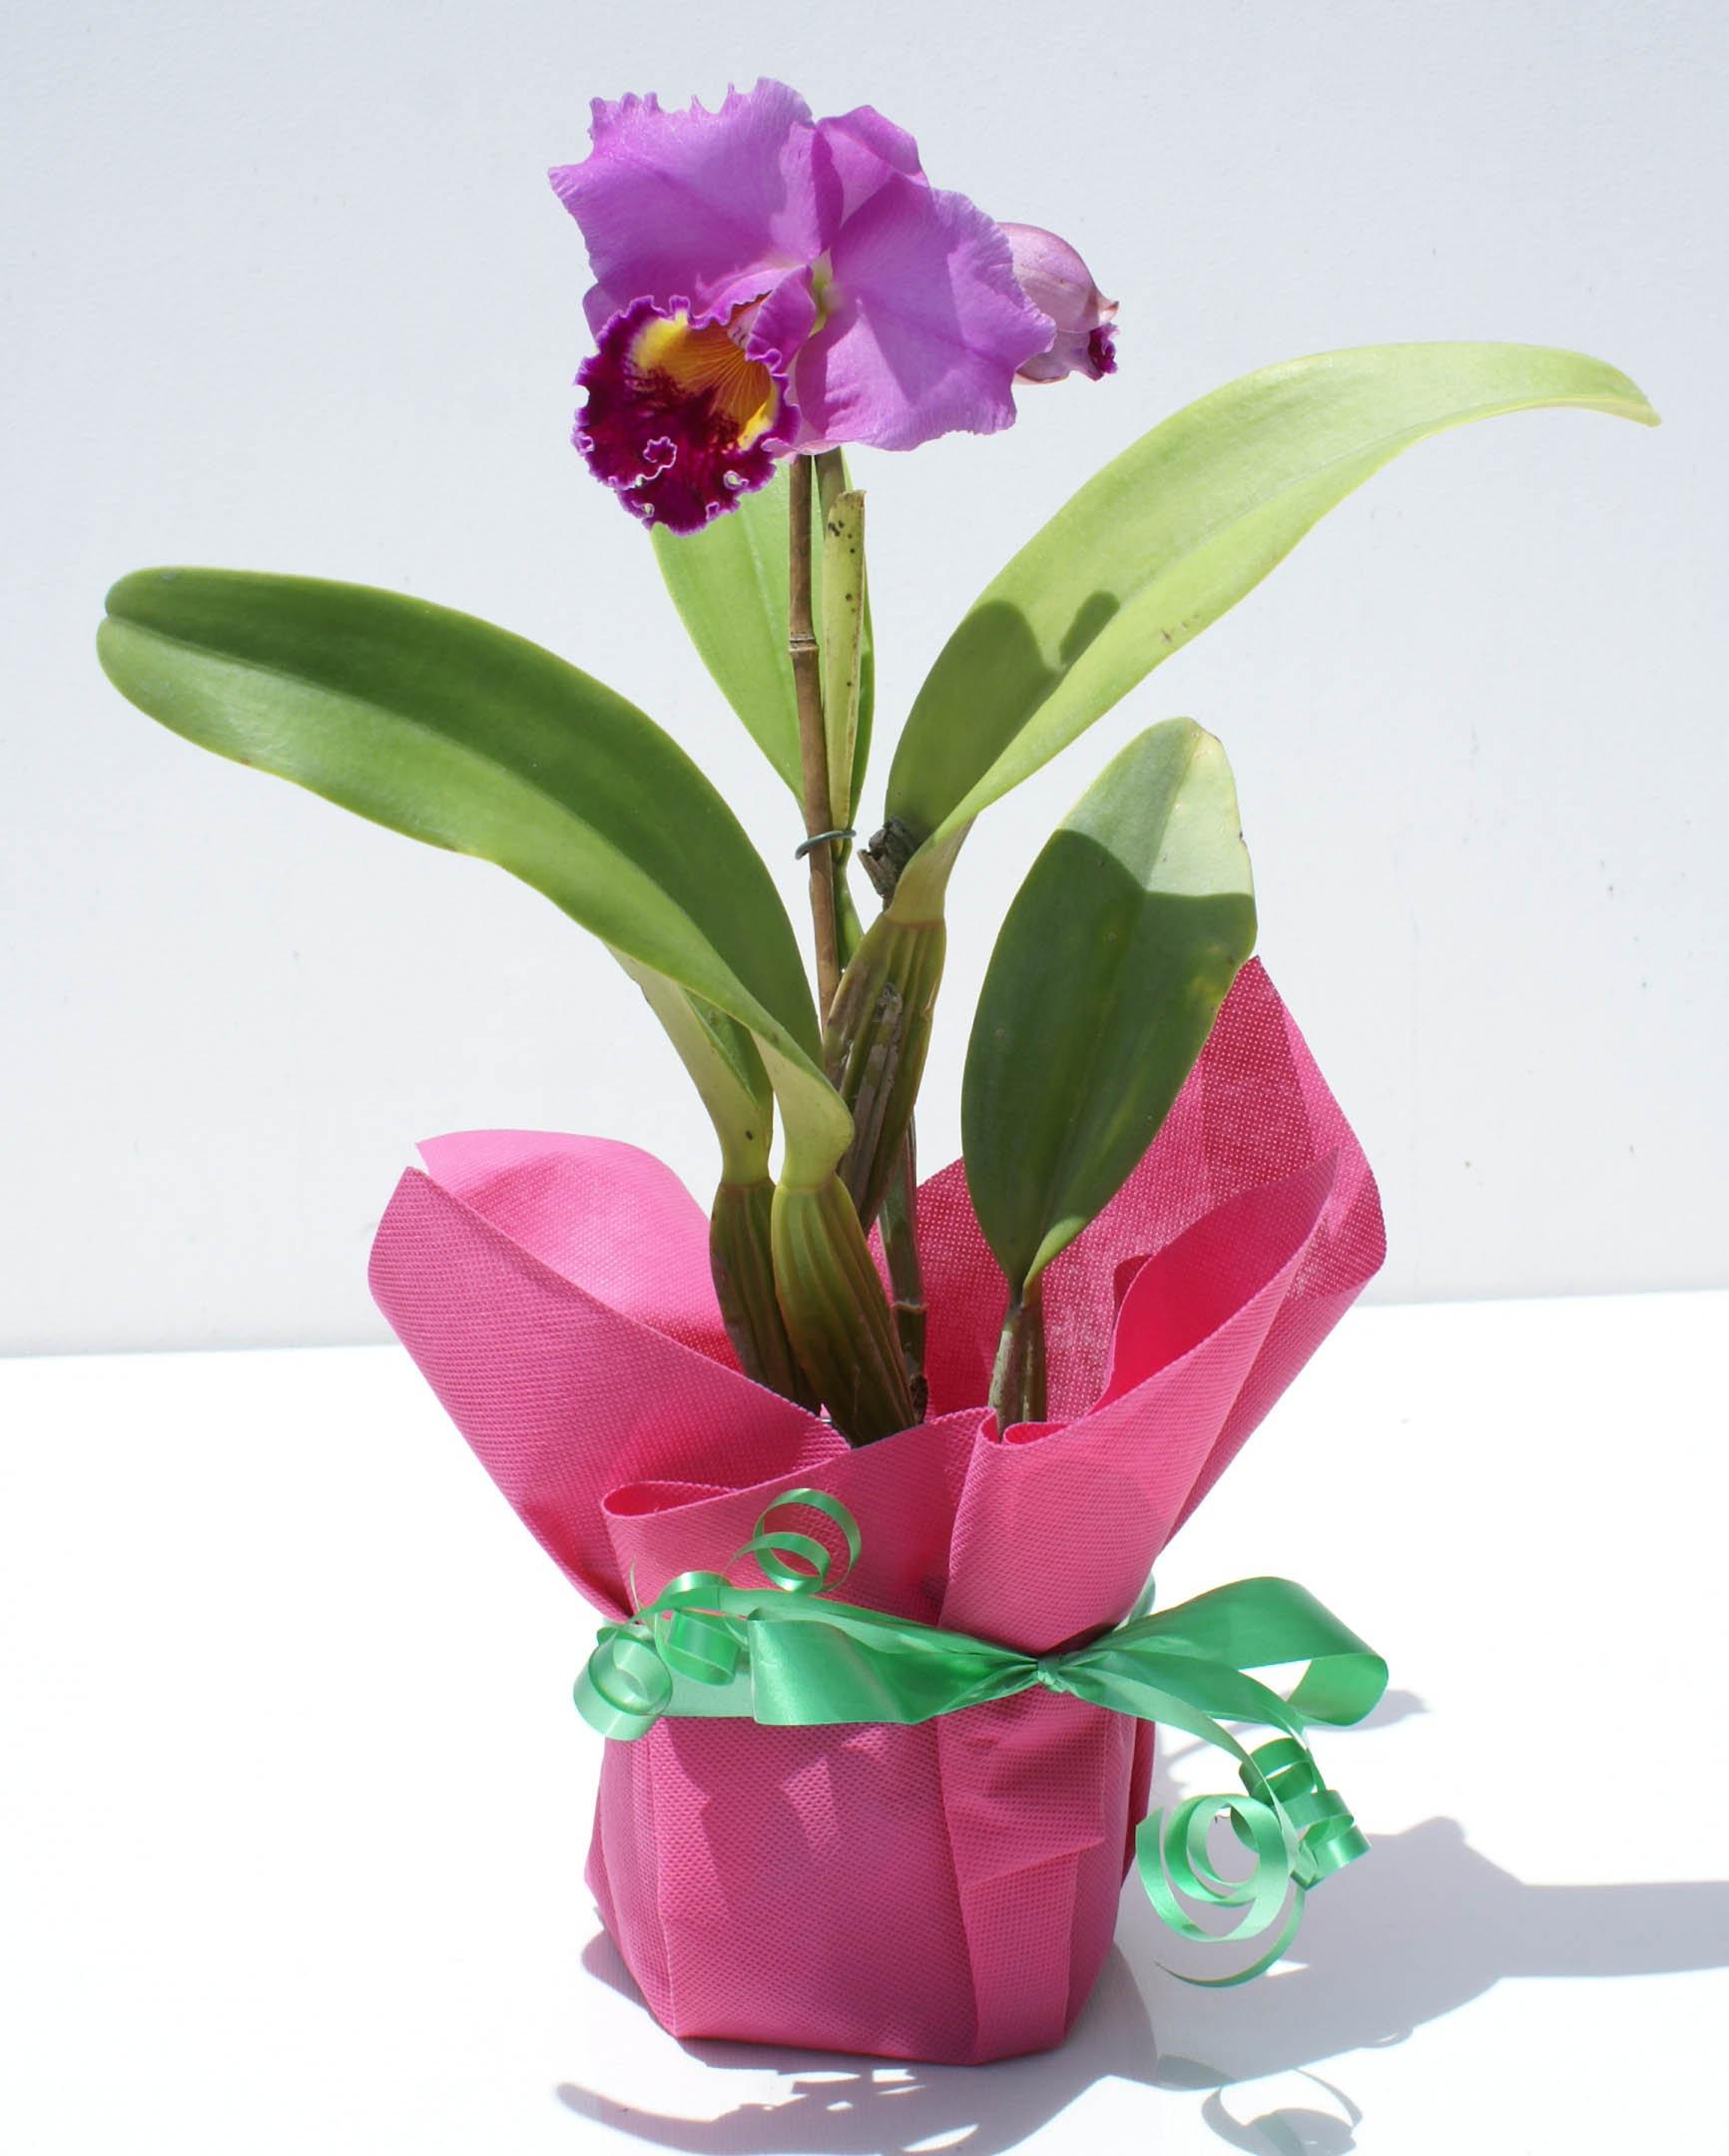 Planta cattleya orquideas con las flores venta en ecuador for Plantas decorativas ornamentales